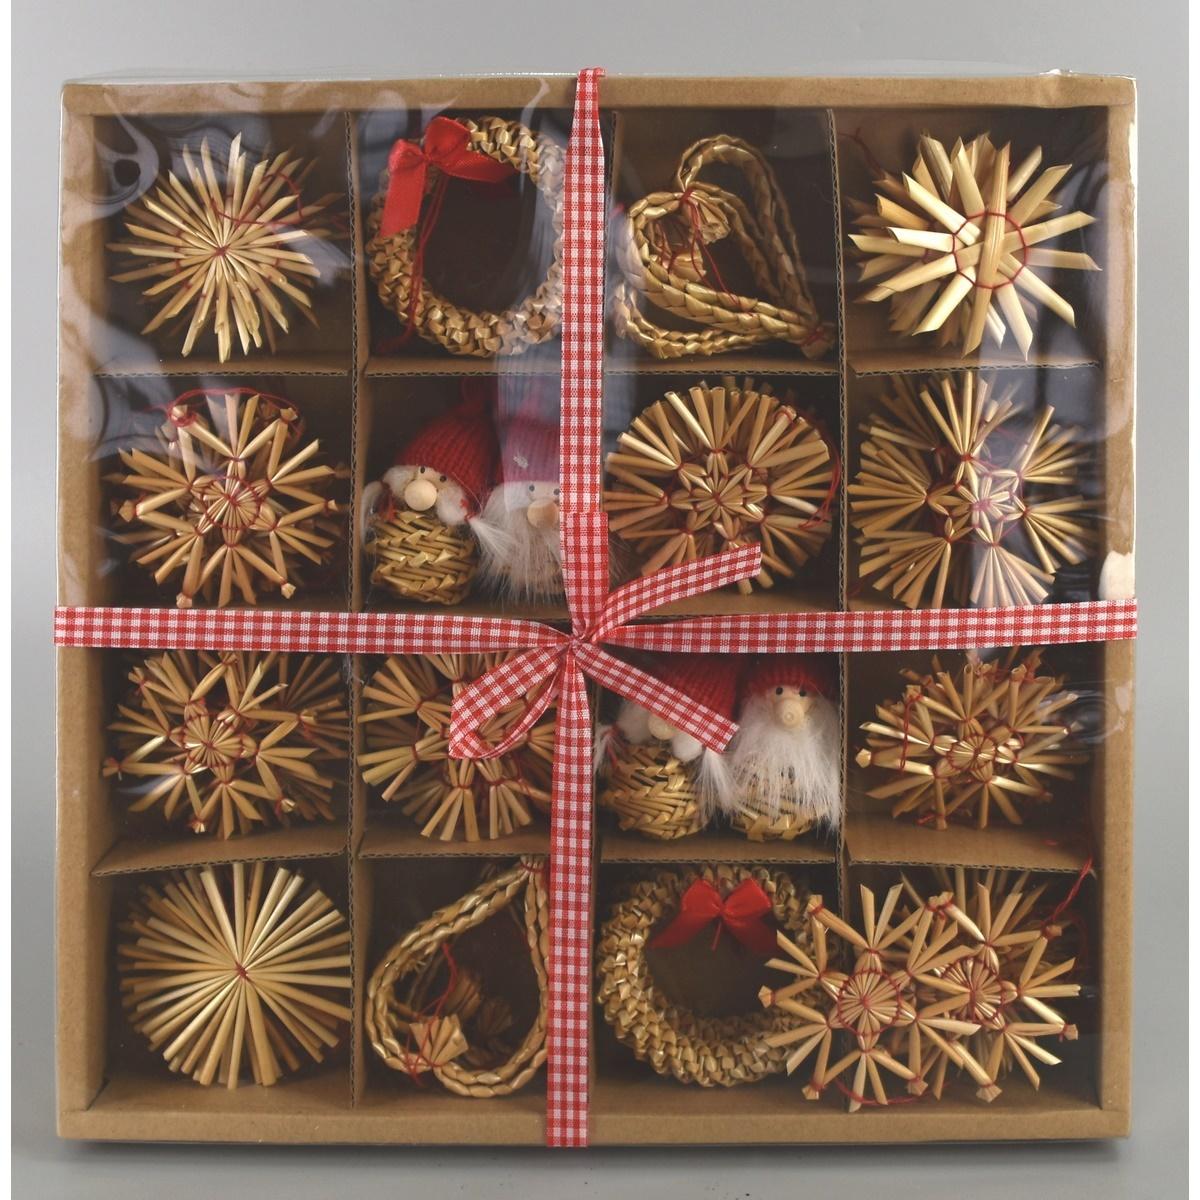 Slaměné ozdoby na vánoční stromeček, 56 ks